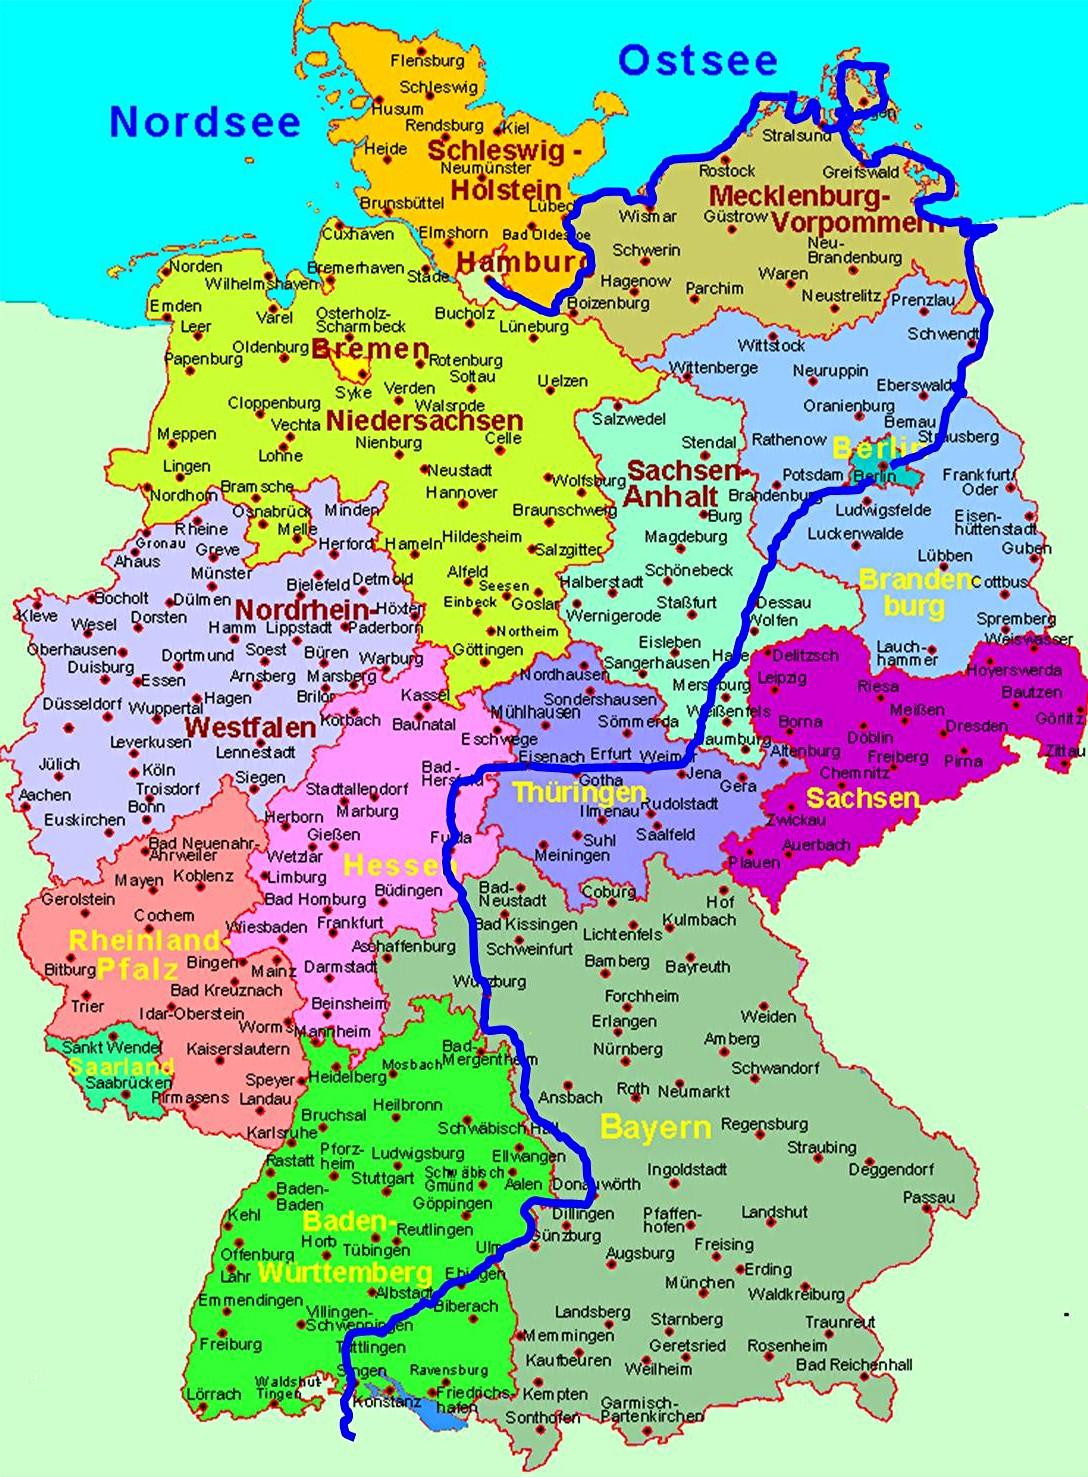 Deutsche Nordseeküste Karte.Ostseeküstenradweg Von Hamburg über Lübeck Entlang Der Ostsee Nach